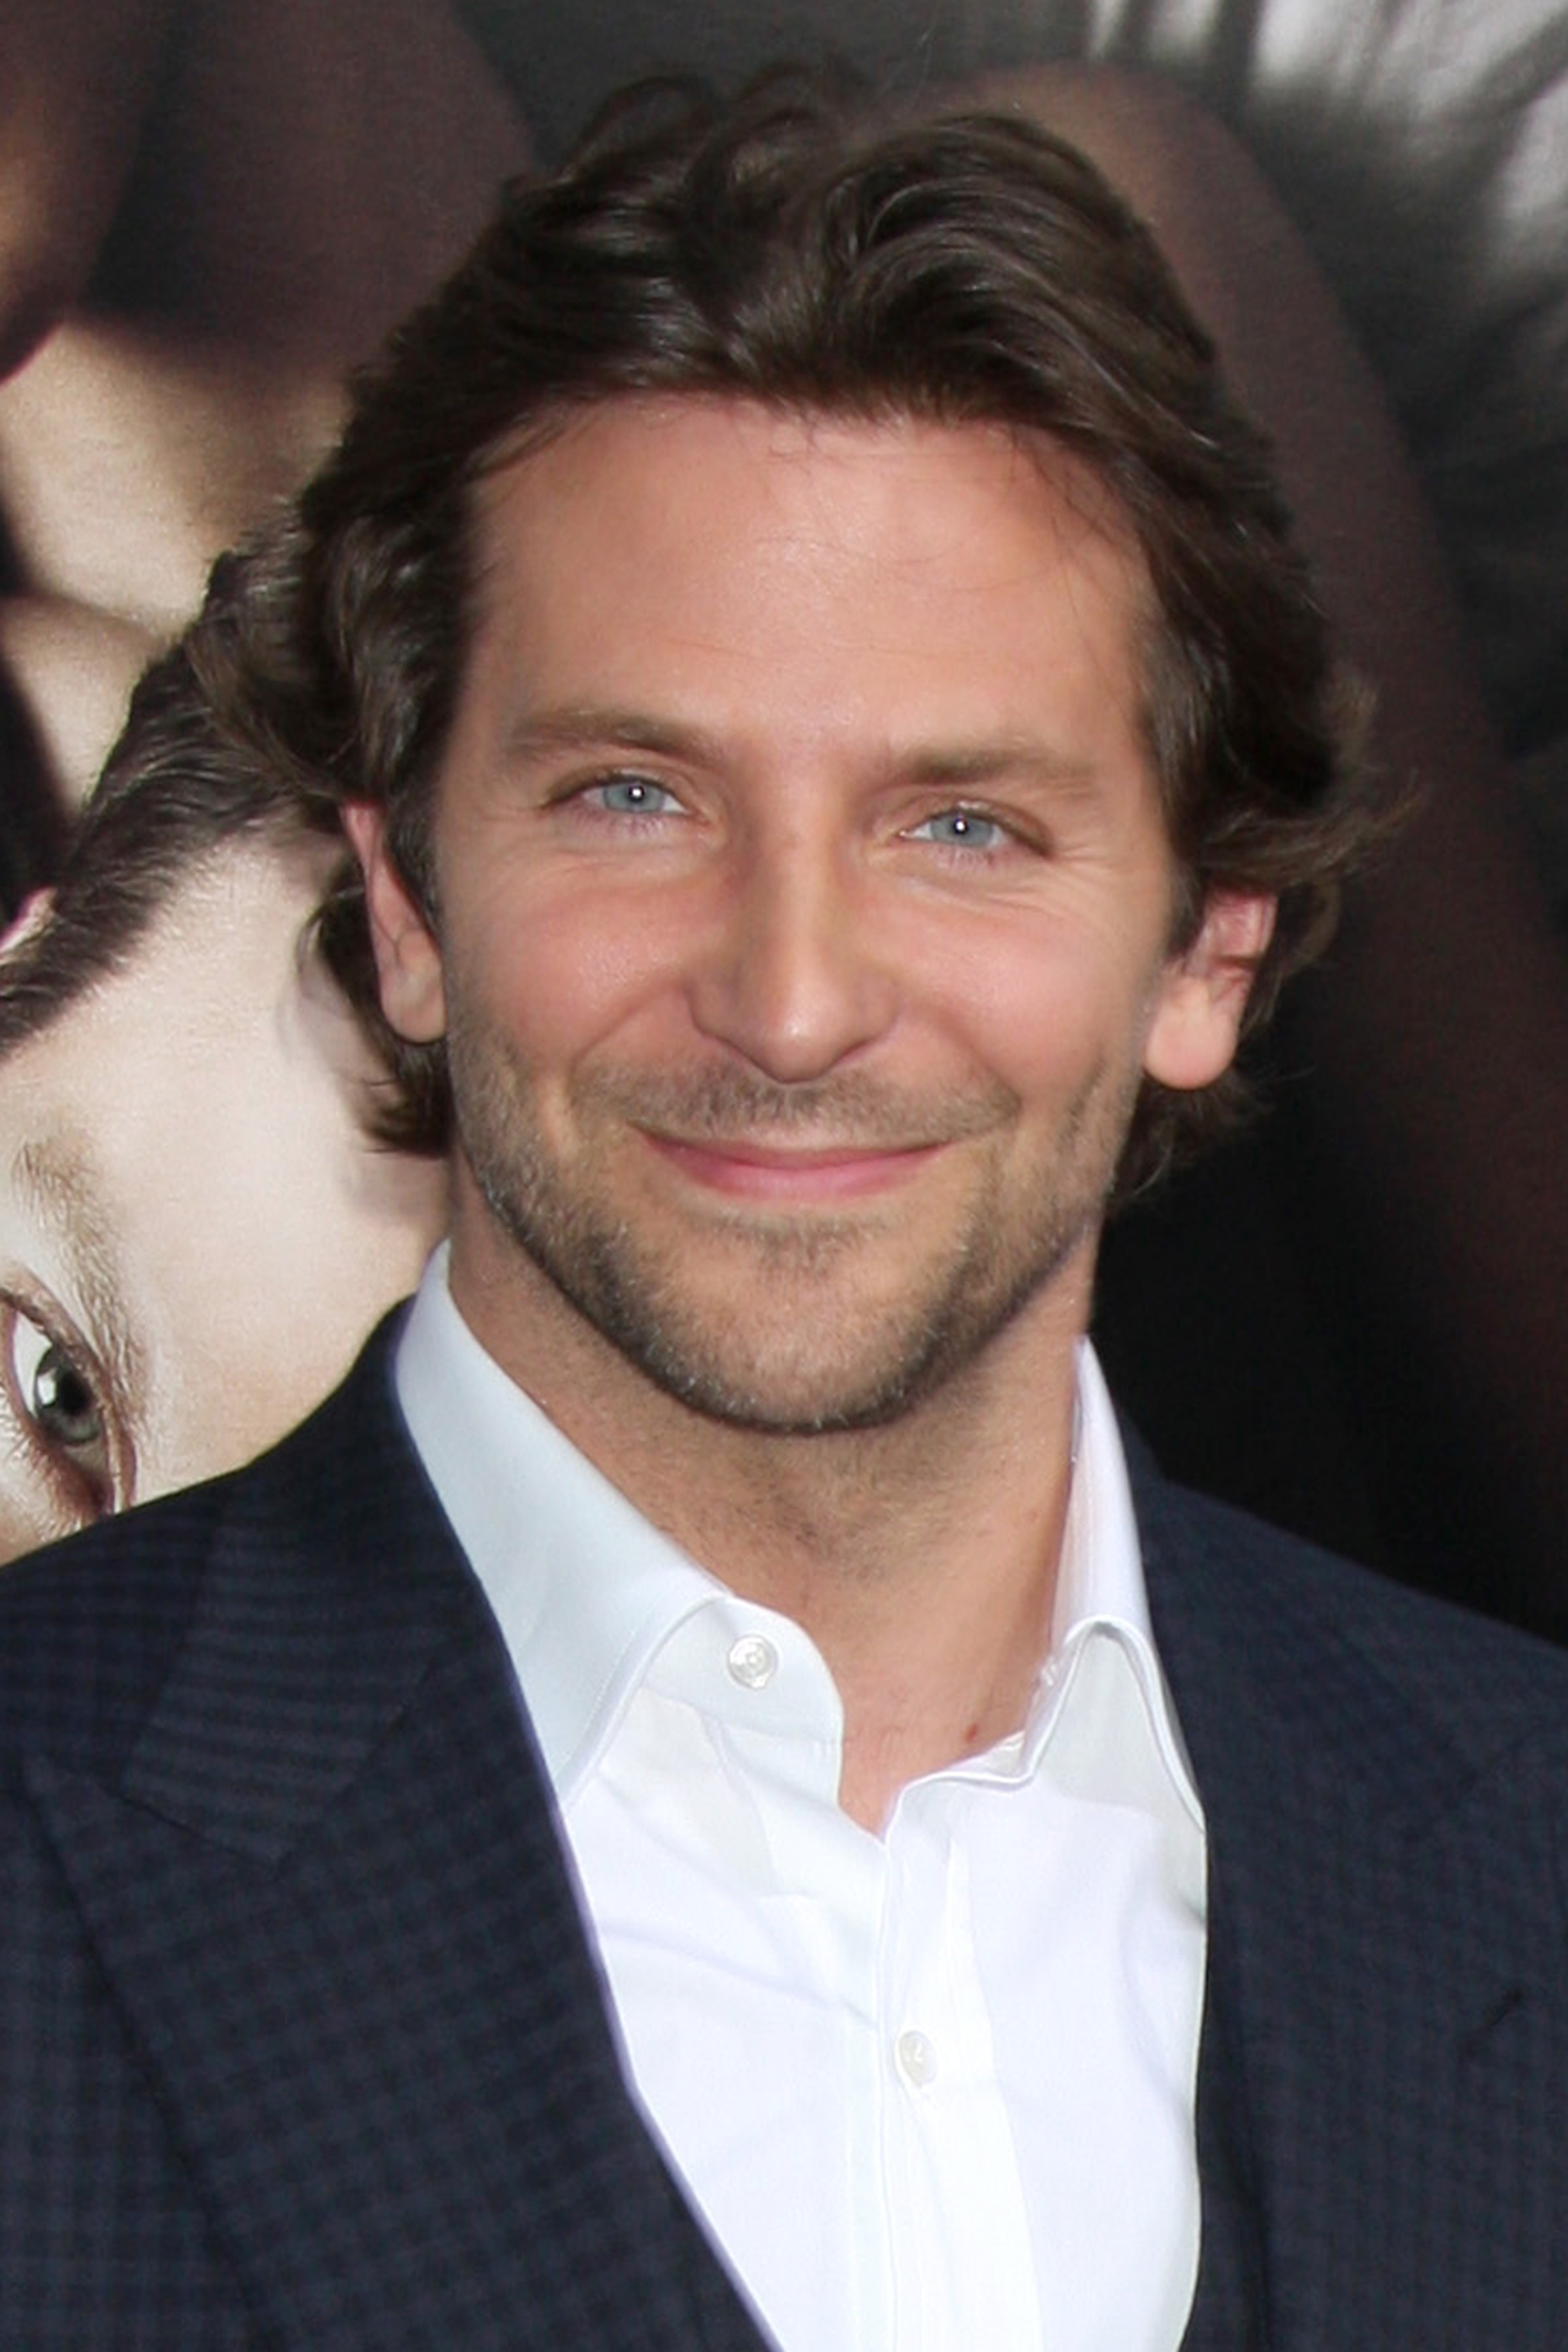 ทรงผมแสกกลางชาย แบบ แบรดลีย์ คูเปอร์ (Bradley Cooper)